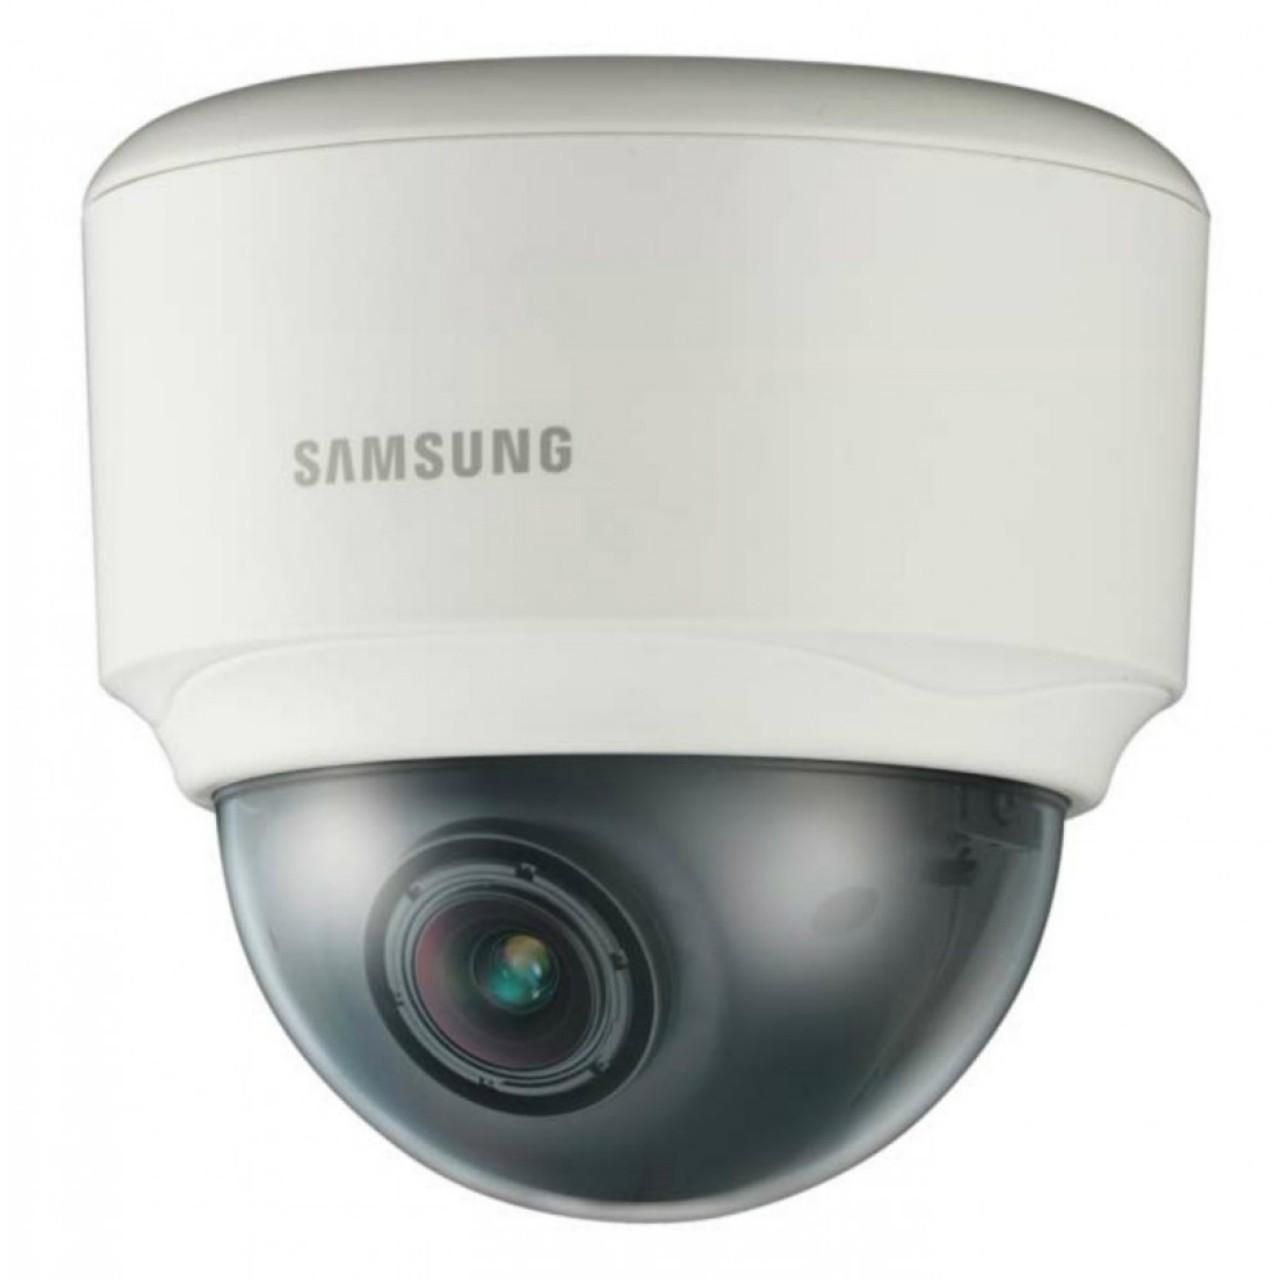 كاميرا مراقبة سامسونج دقة عالية Samsung | SND-5080 1/4